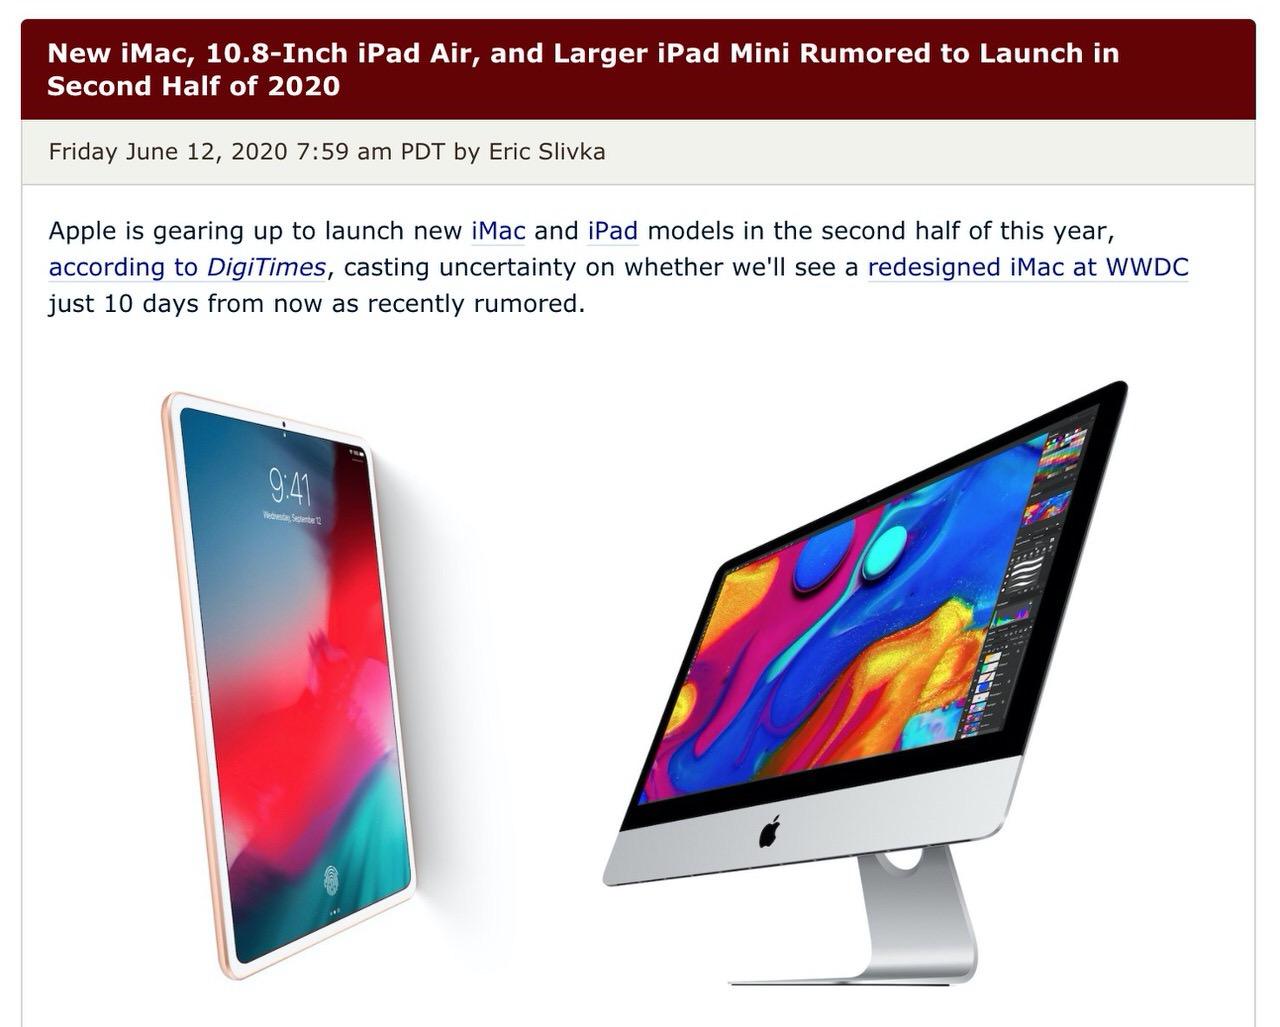 新しいiMac、10.8インチiPad Airが2020年後半に登場か?